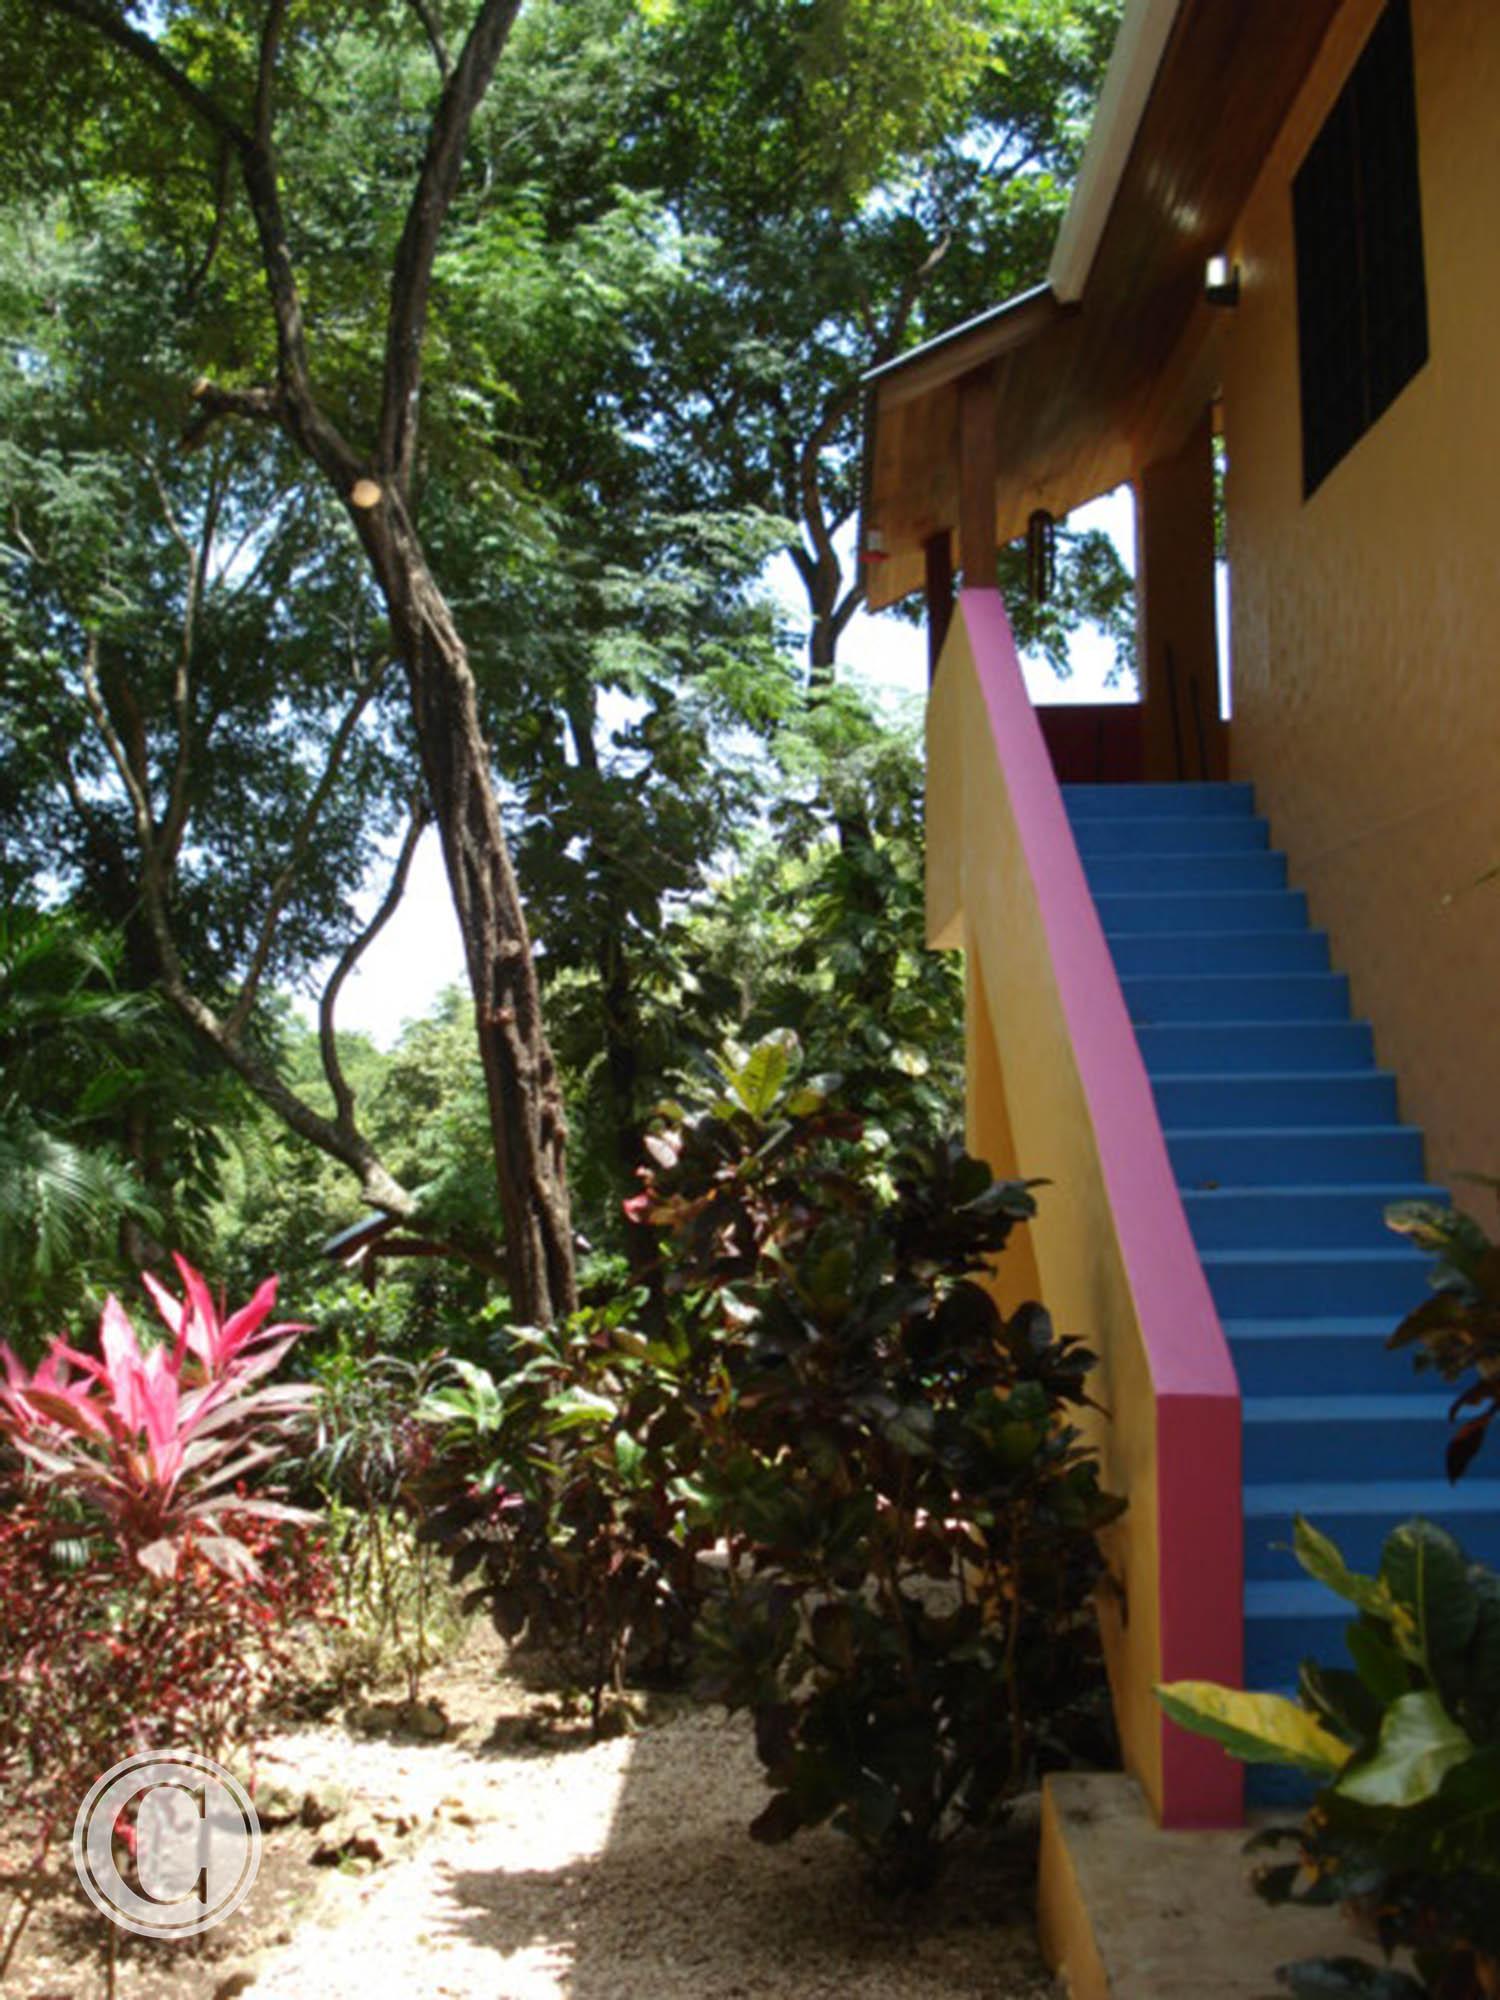 exterior-costa-rica-cornelius-construction (3).jpg